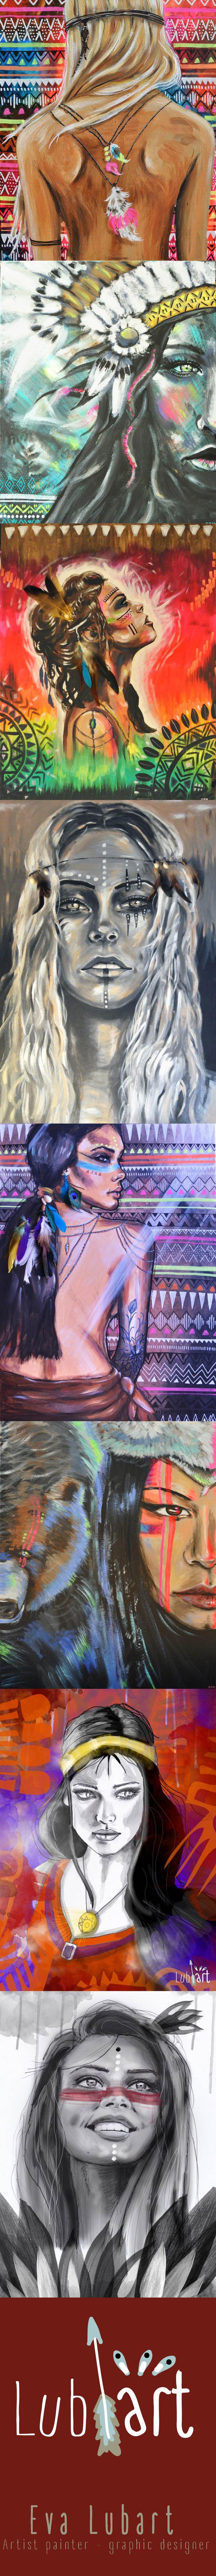 Eva Lubart portraits de femme peinture acrylique, peinture numérique, #journéedelafemme http://eva-lubart.alittlemarket.com